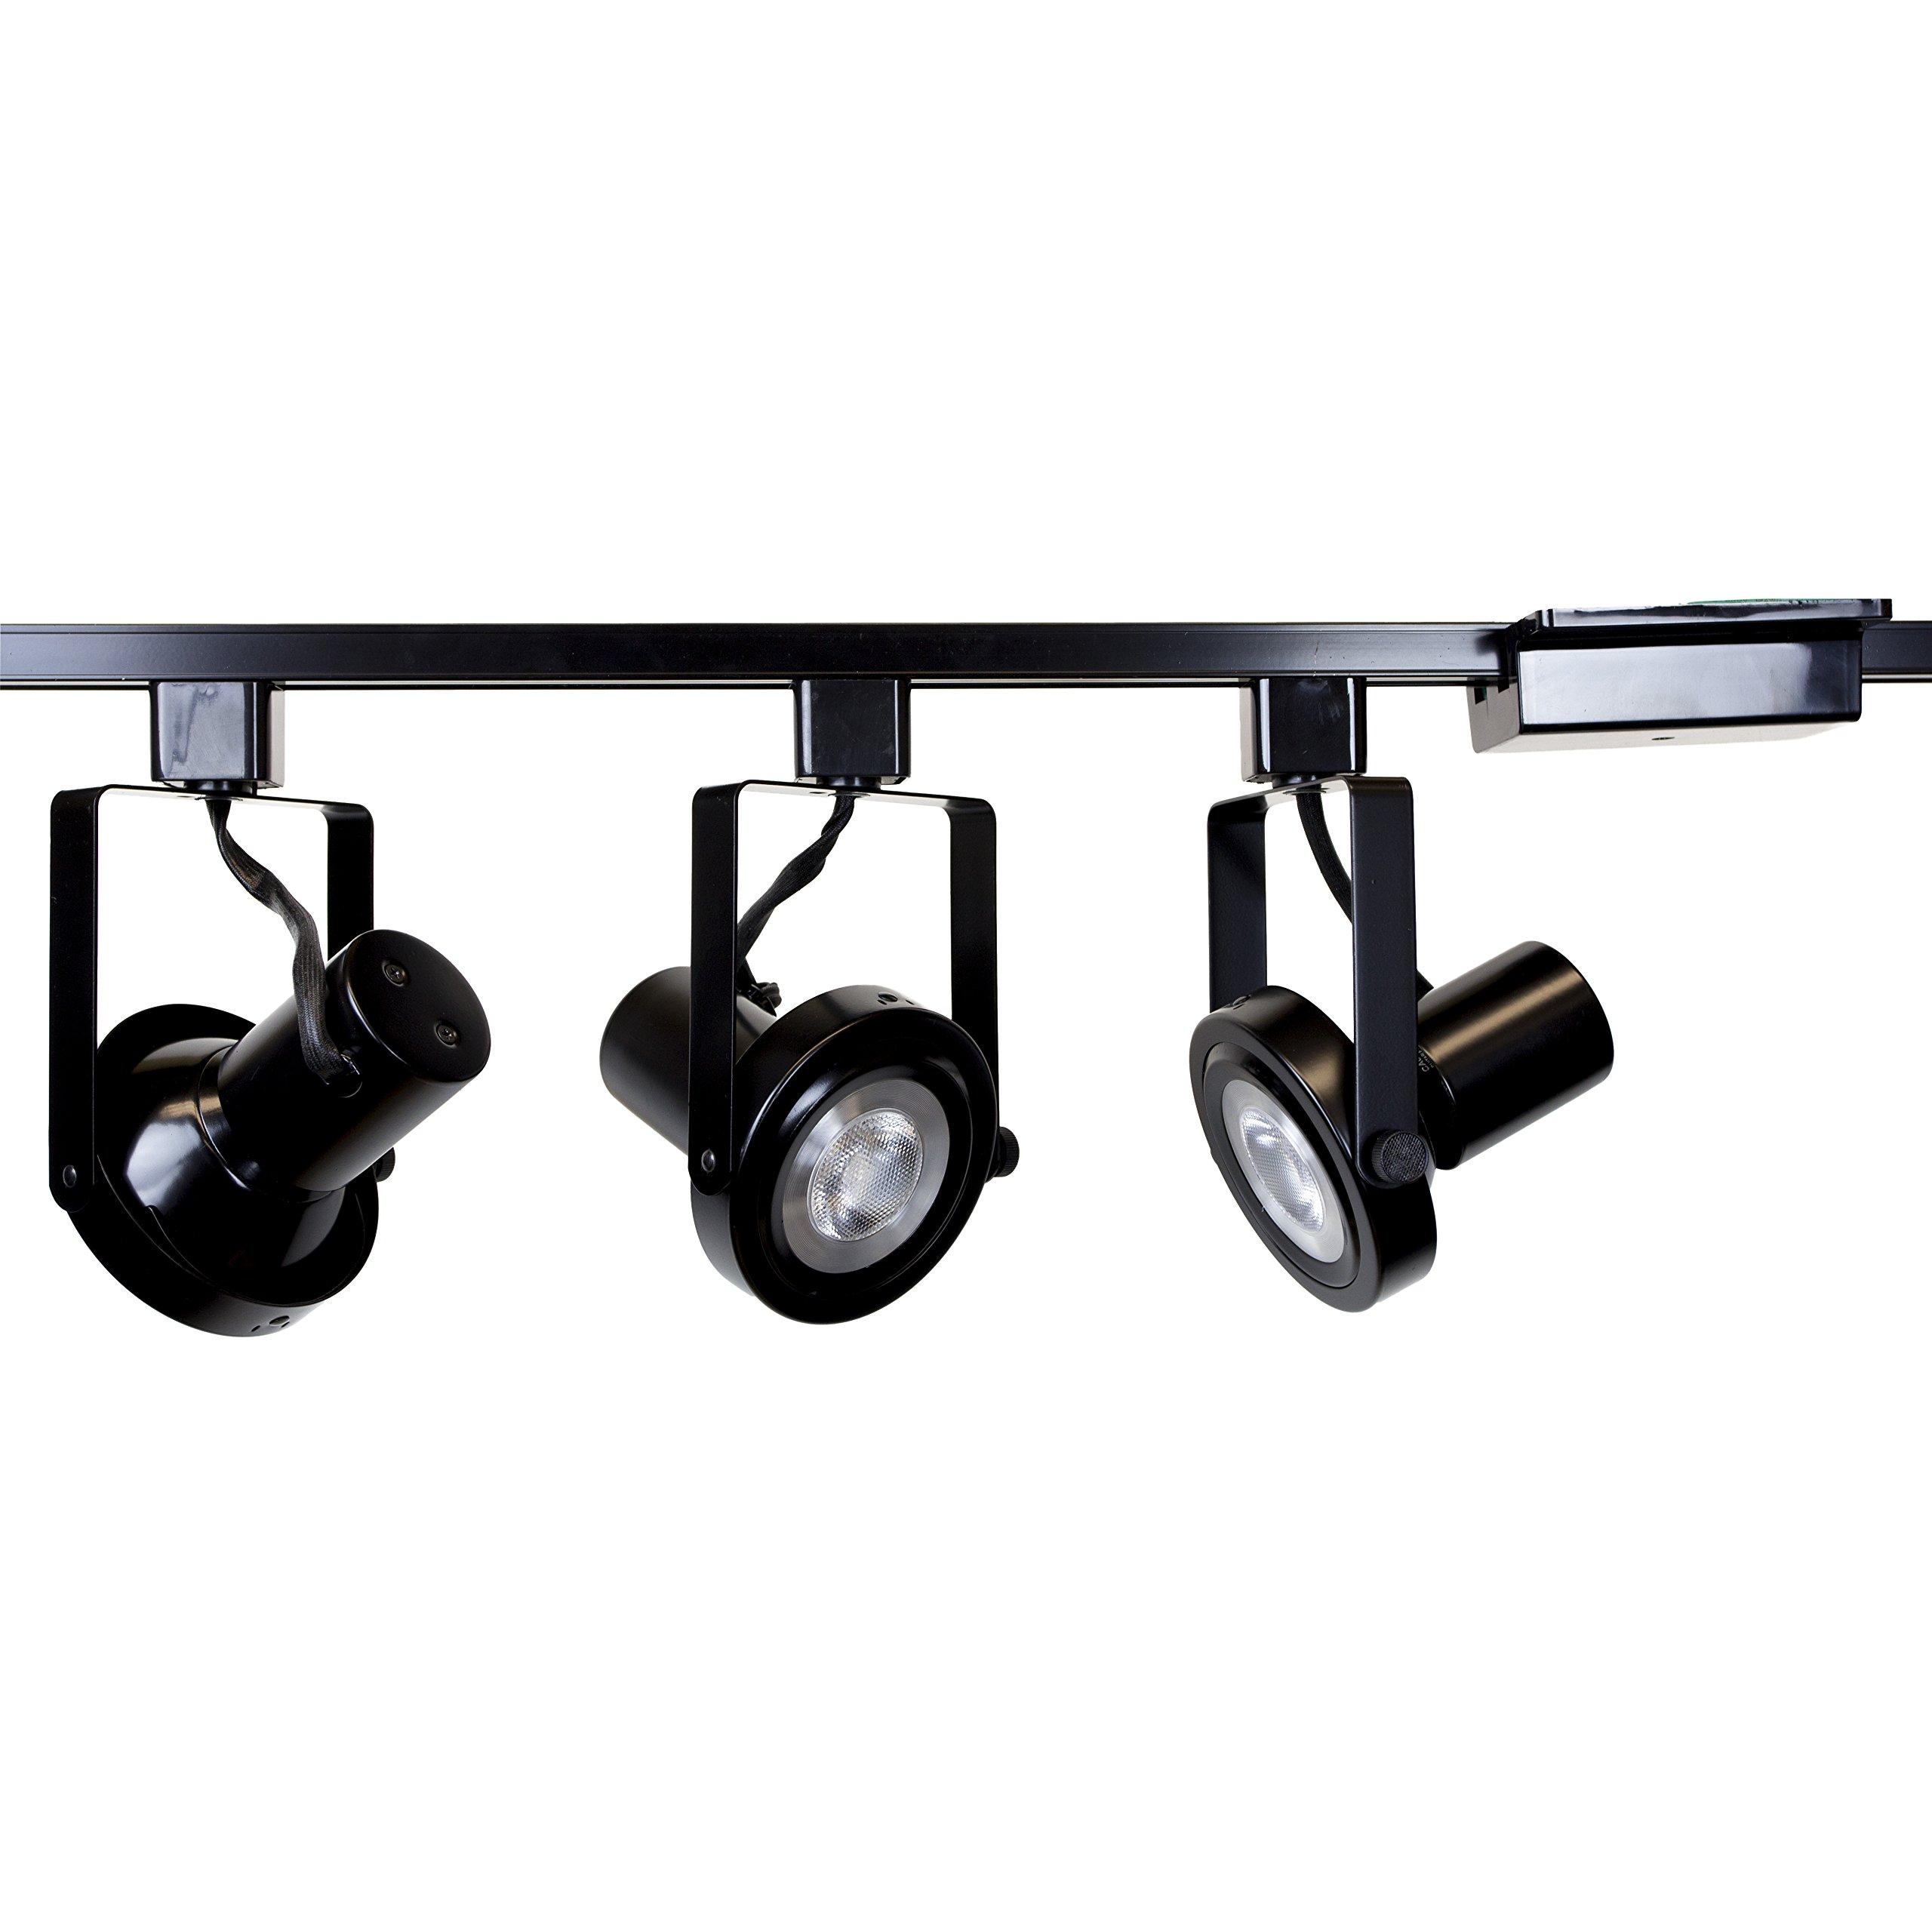 Direct-Lighting 3 lights PAR30 Short Neck Gimbal Ring Track Lighting Kit HT-50005-3-BK-WBULB (Bulbs Included)